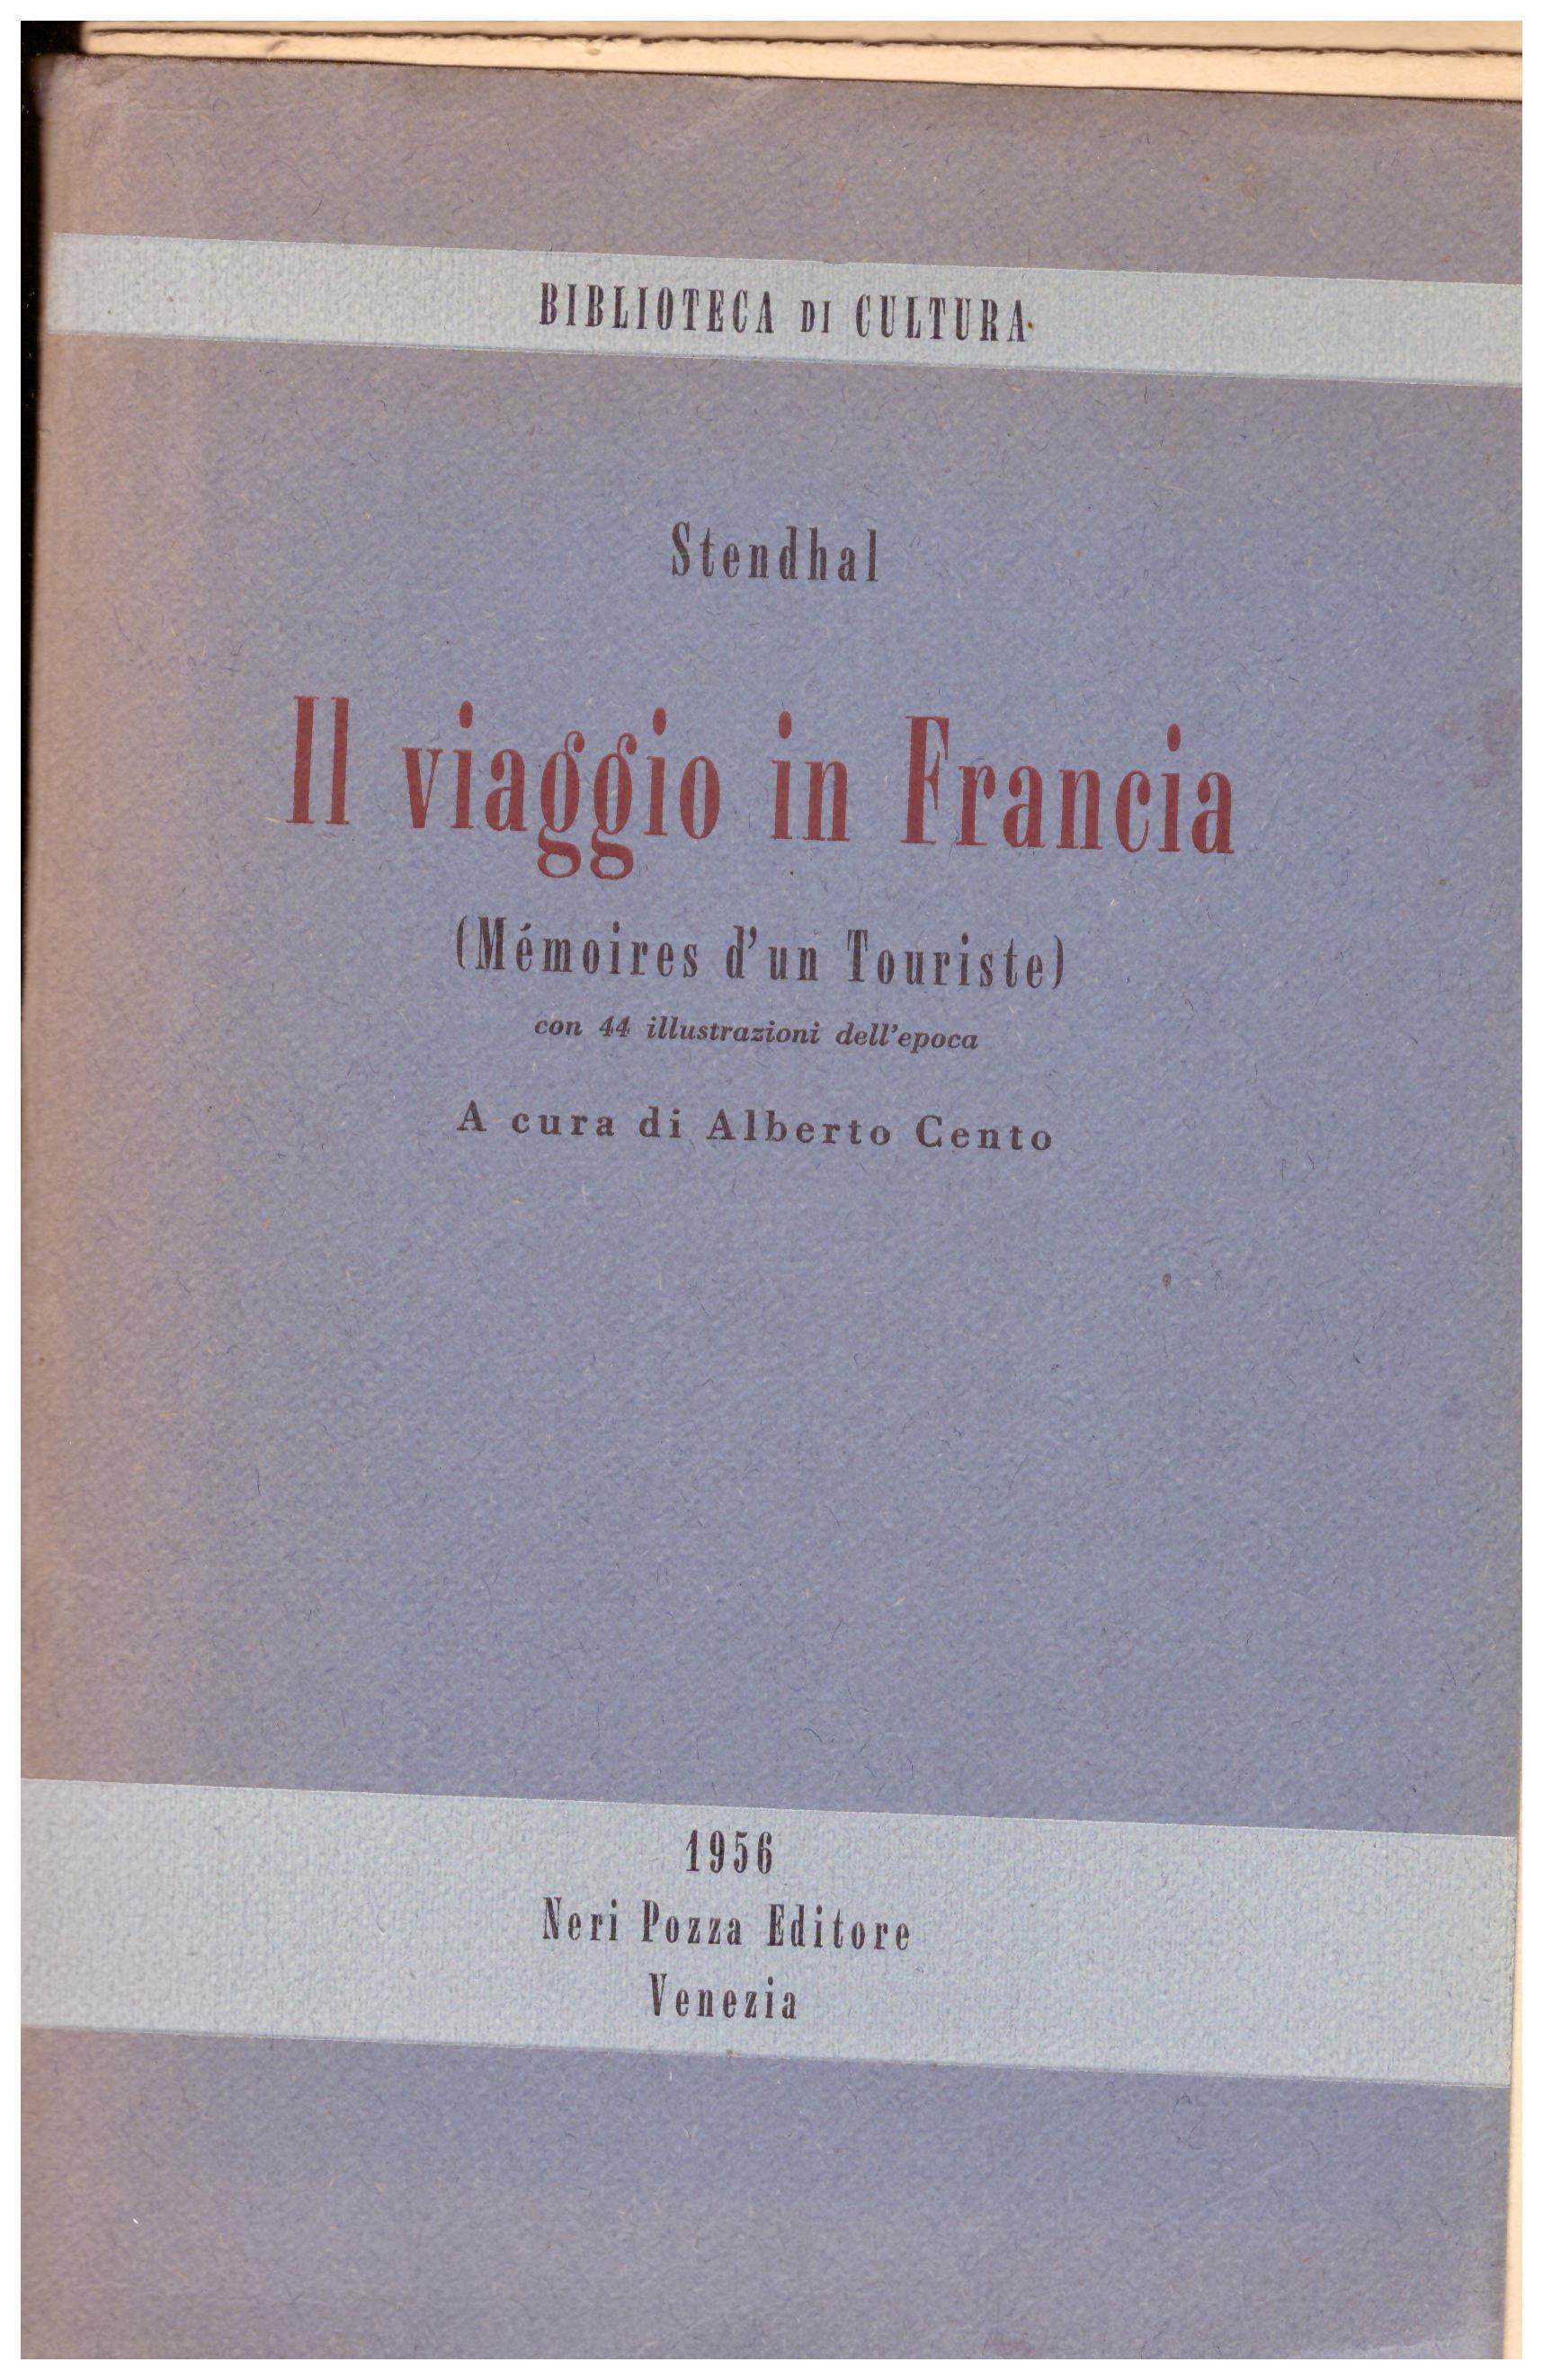 Titolo: Il viaggio in Francia Autore: Stendhal Editore: Neri Pozza, Venezia prima edizione 1956